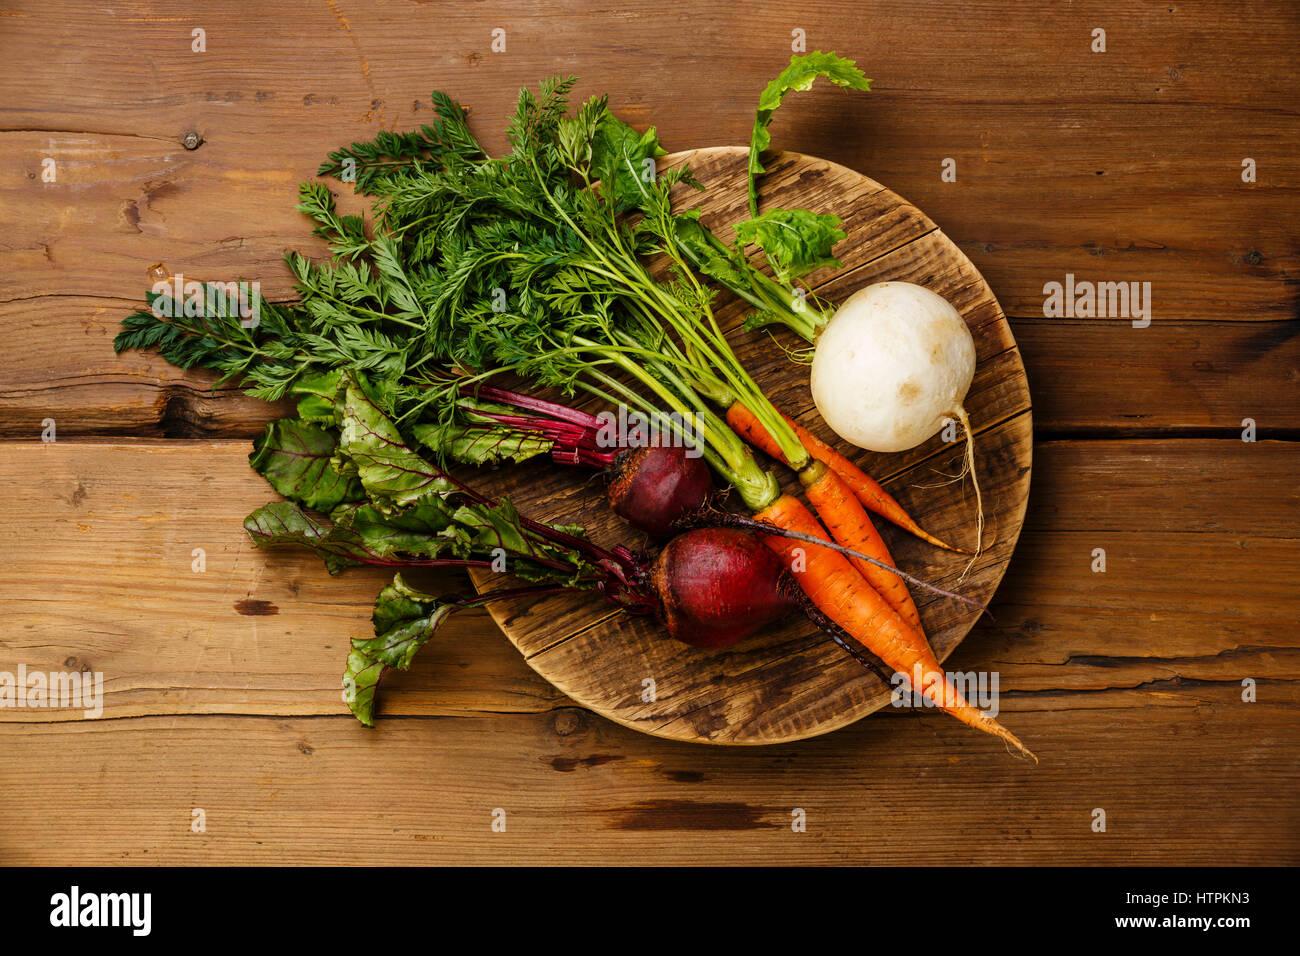 Légumes frais, carottes, navets et betteraves sur la planche à découper ronde sur fond de bois Photo Stock